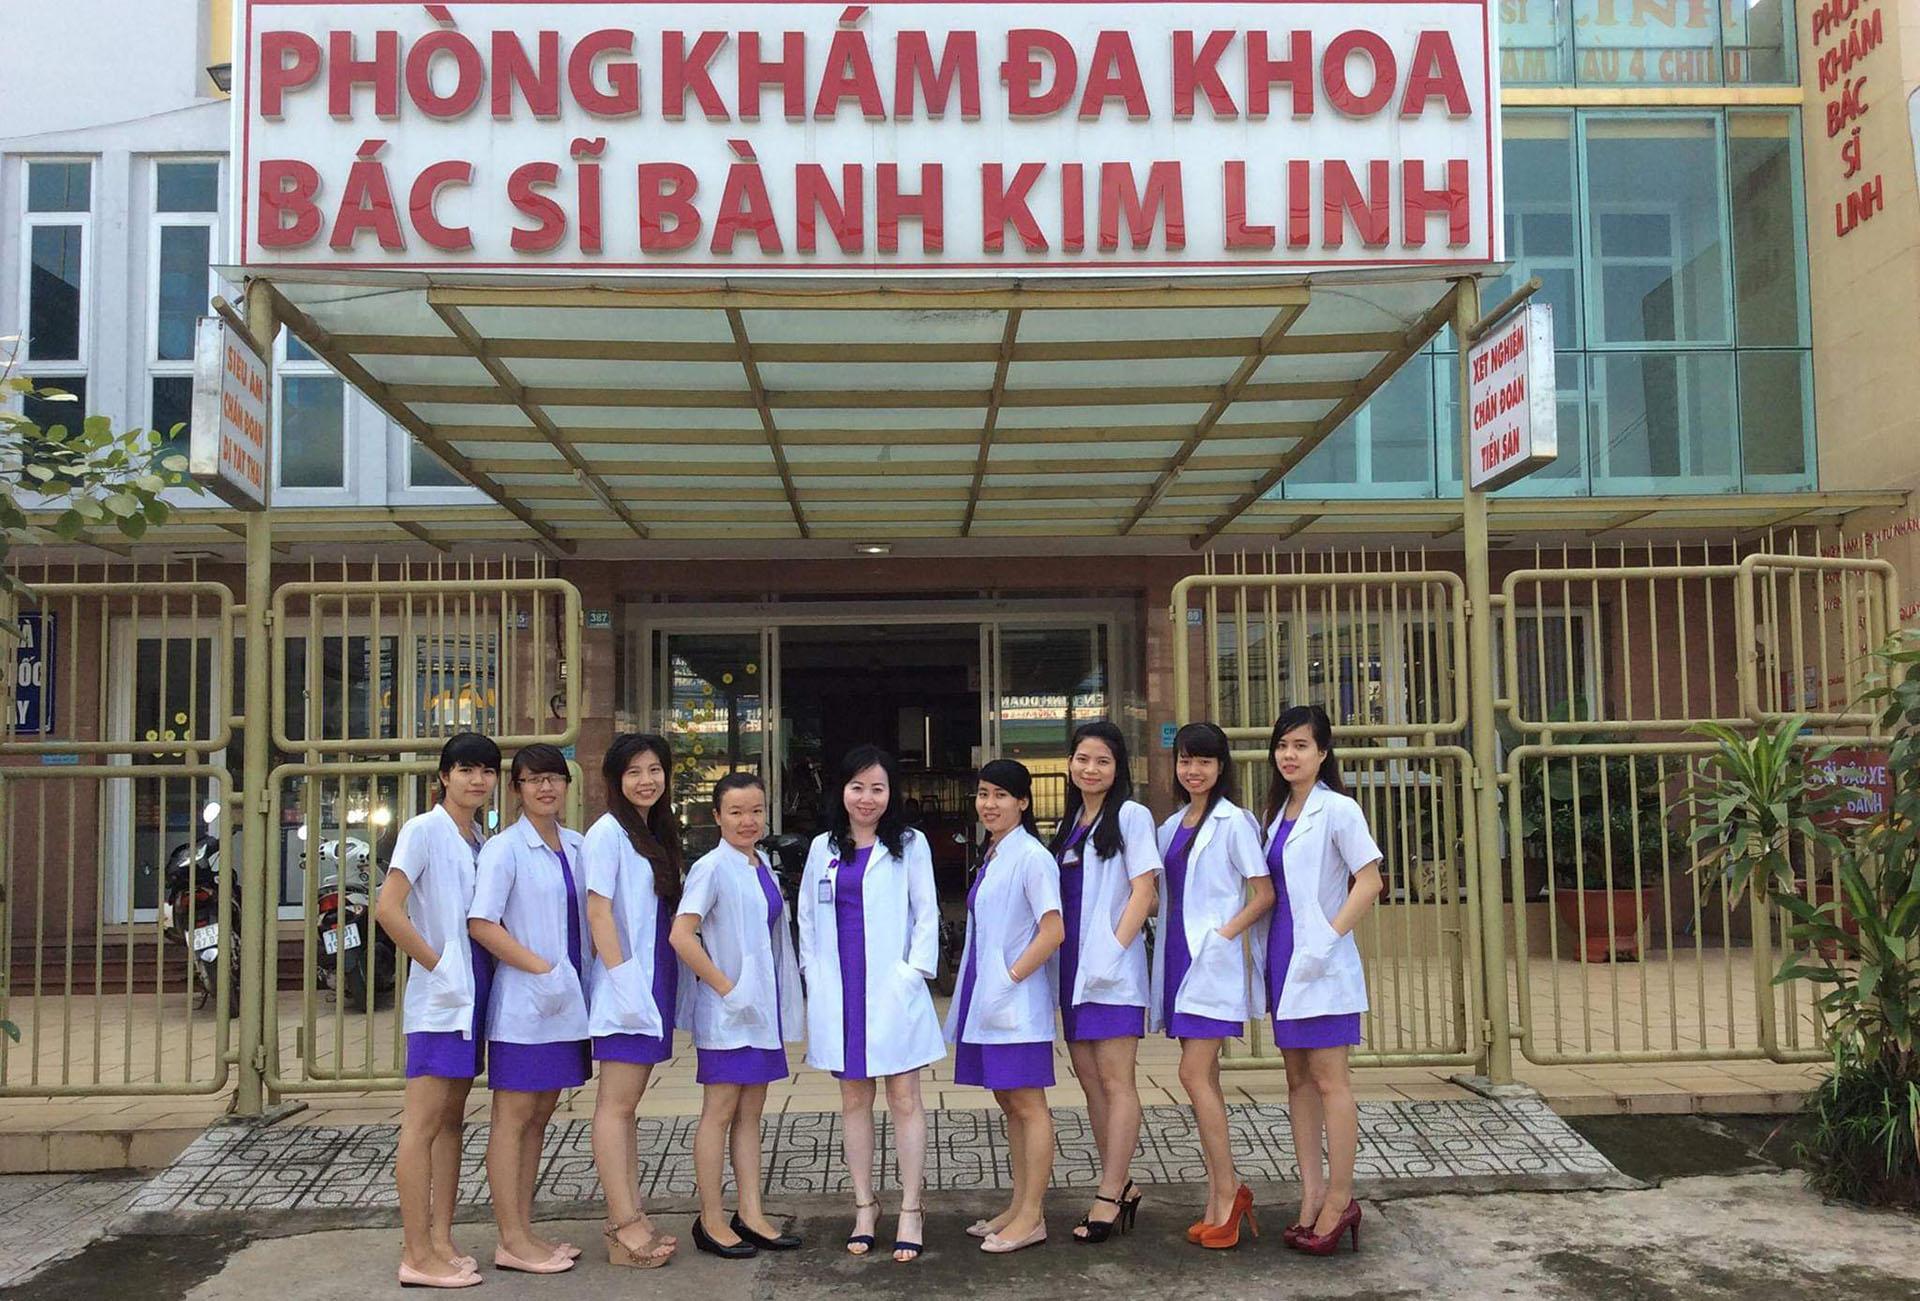 Giới thiệu Phòng khám đa khoa Bác sĩ Bành Kim Linh